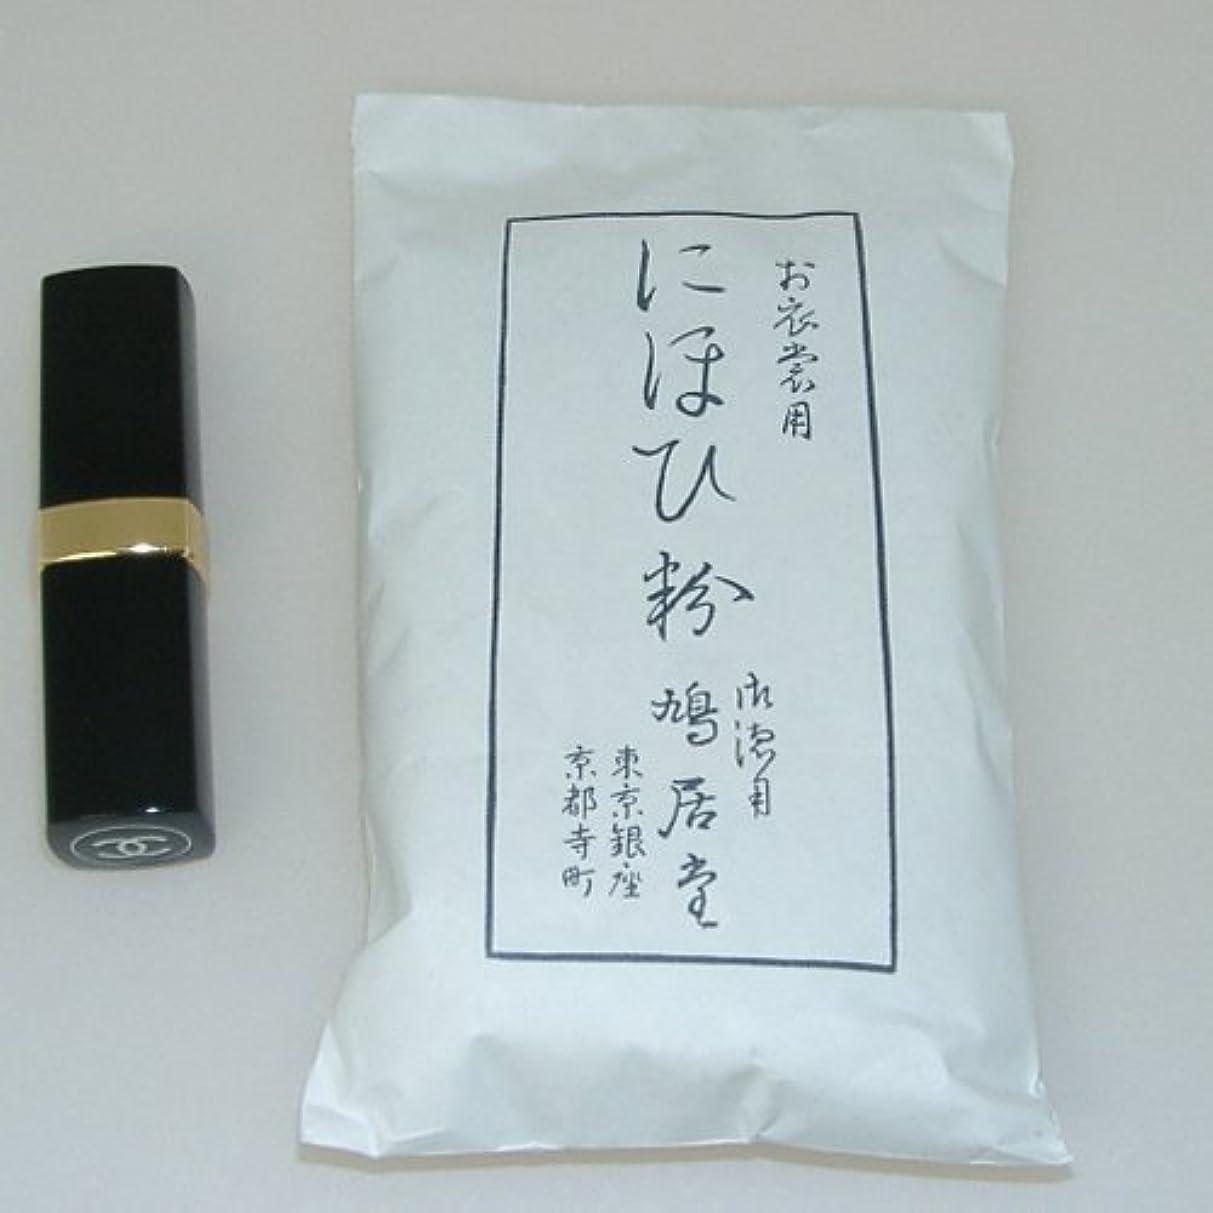 集中的なショッキングパトワ鳩居堂 にほひ袋 詰め替え用 徳用匂粉(大) 鳩613